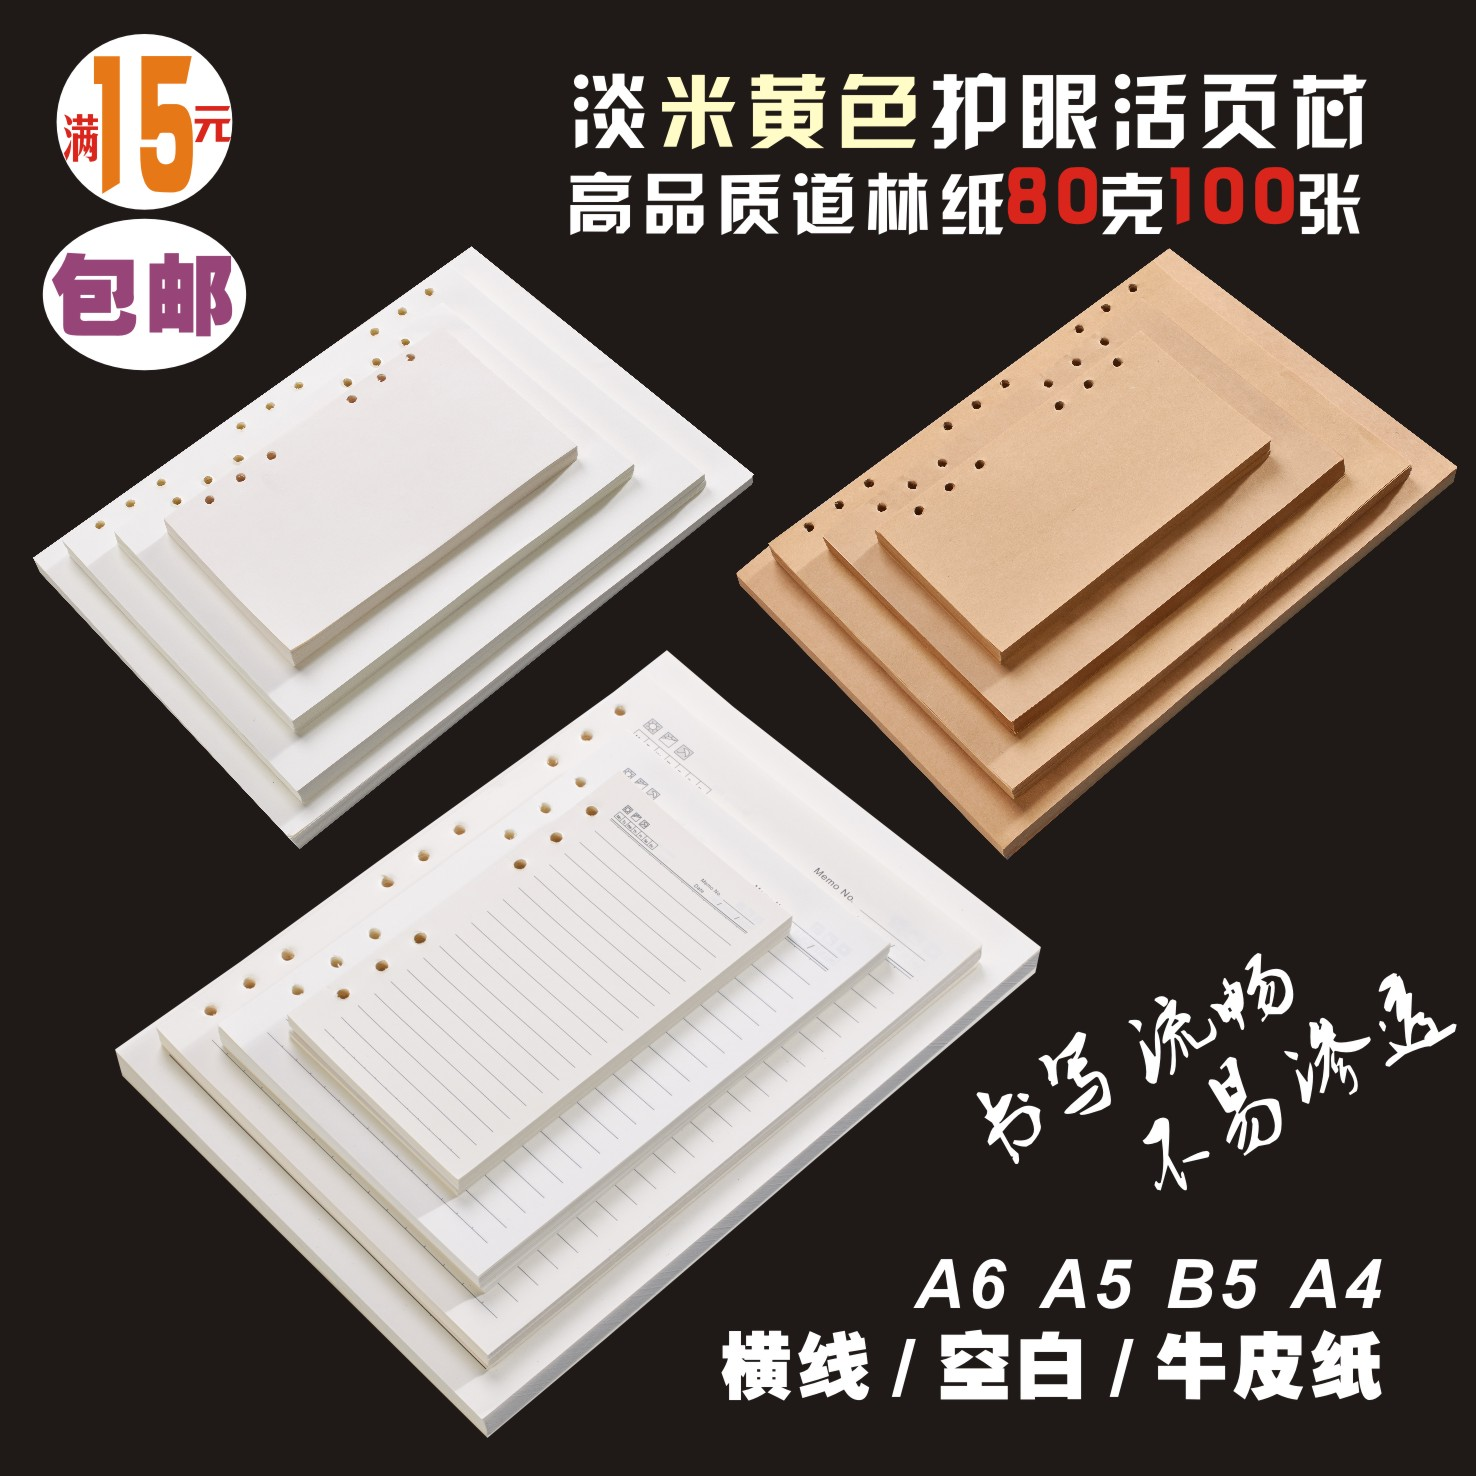 B5A5A6商务记事本9孔6孔活页笔记本道林纸空白牛皮纸替换内芯内页